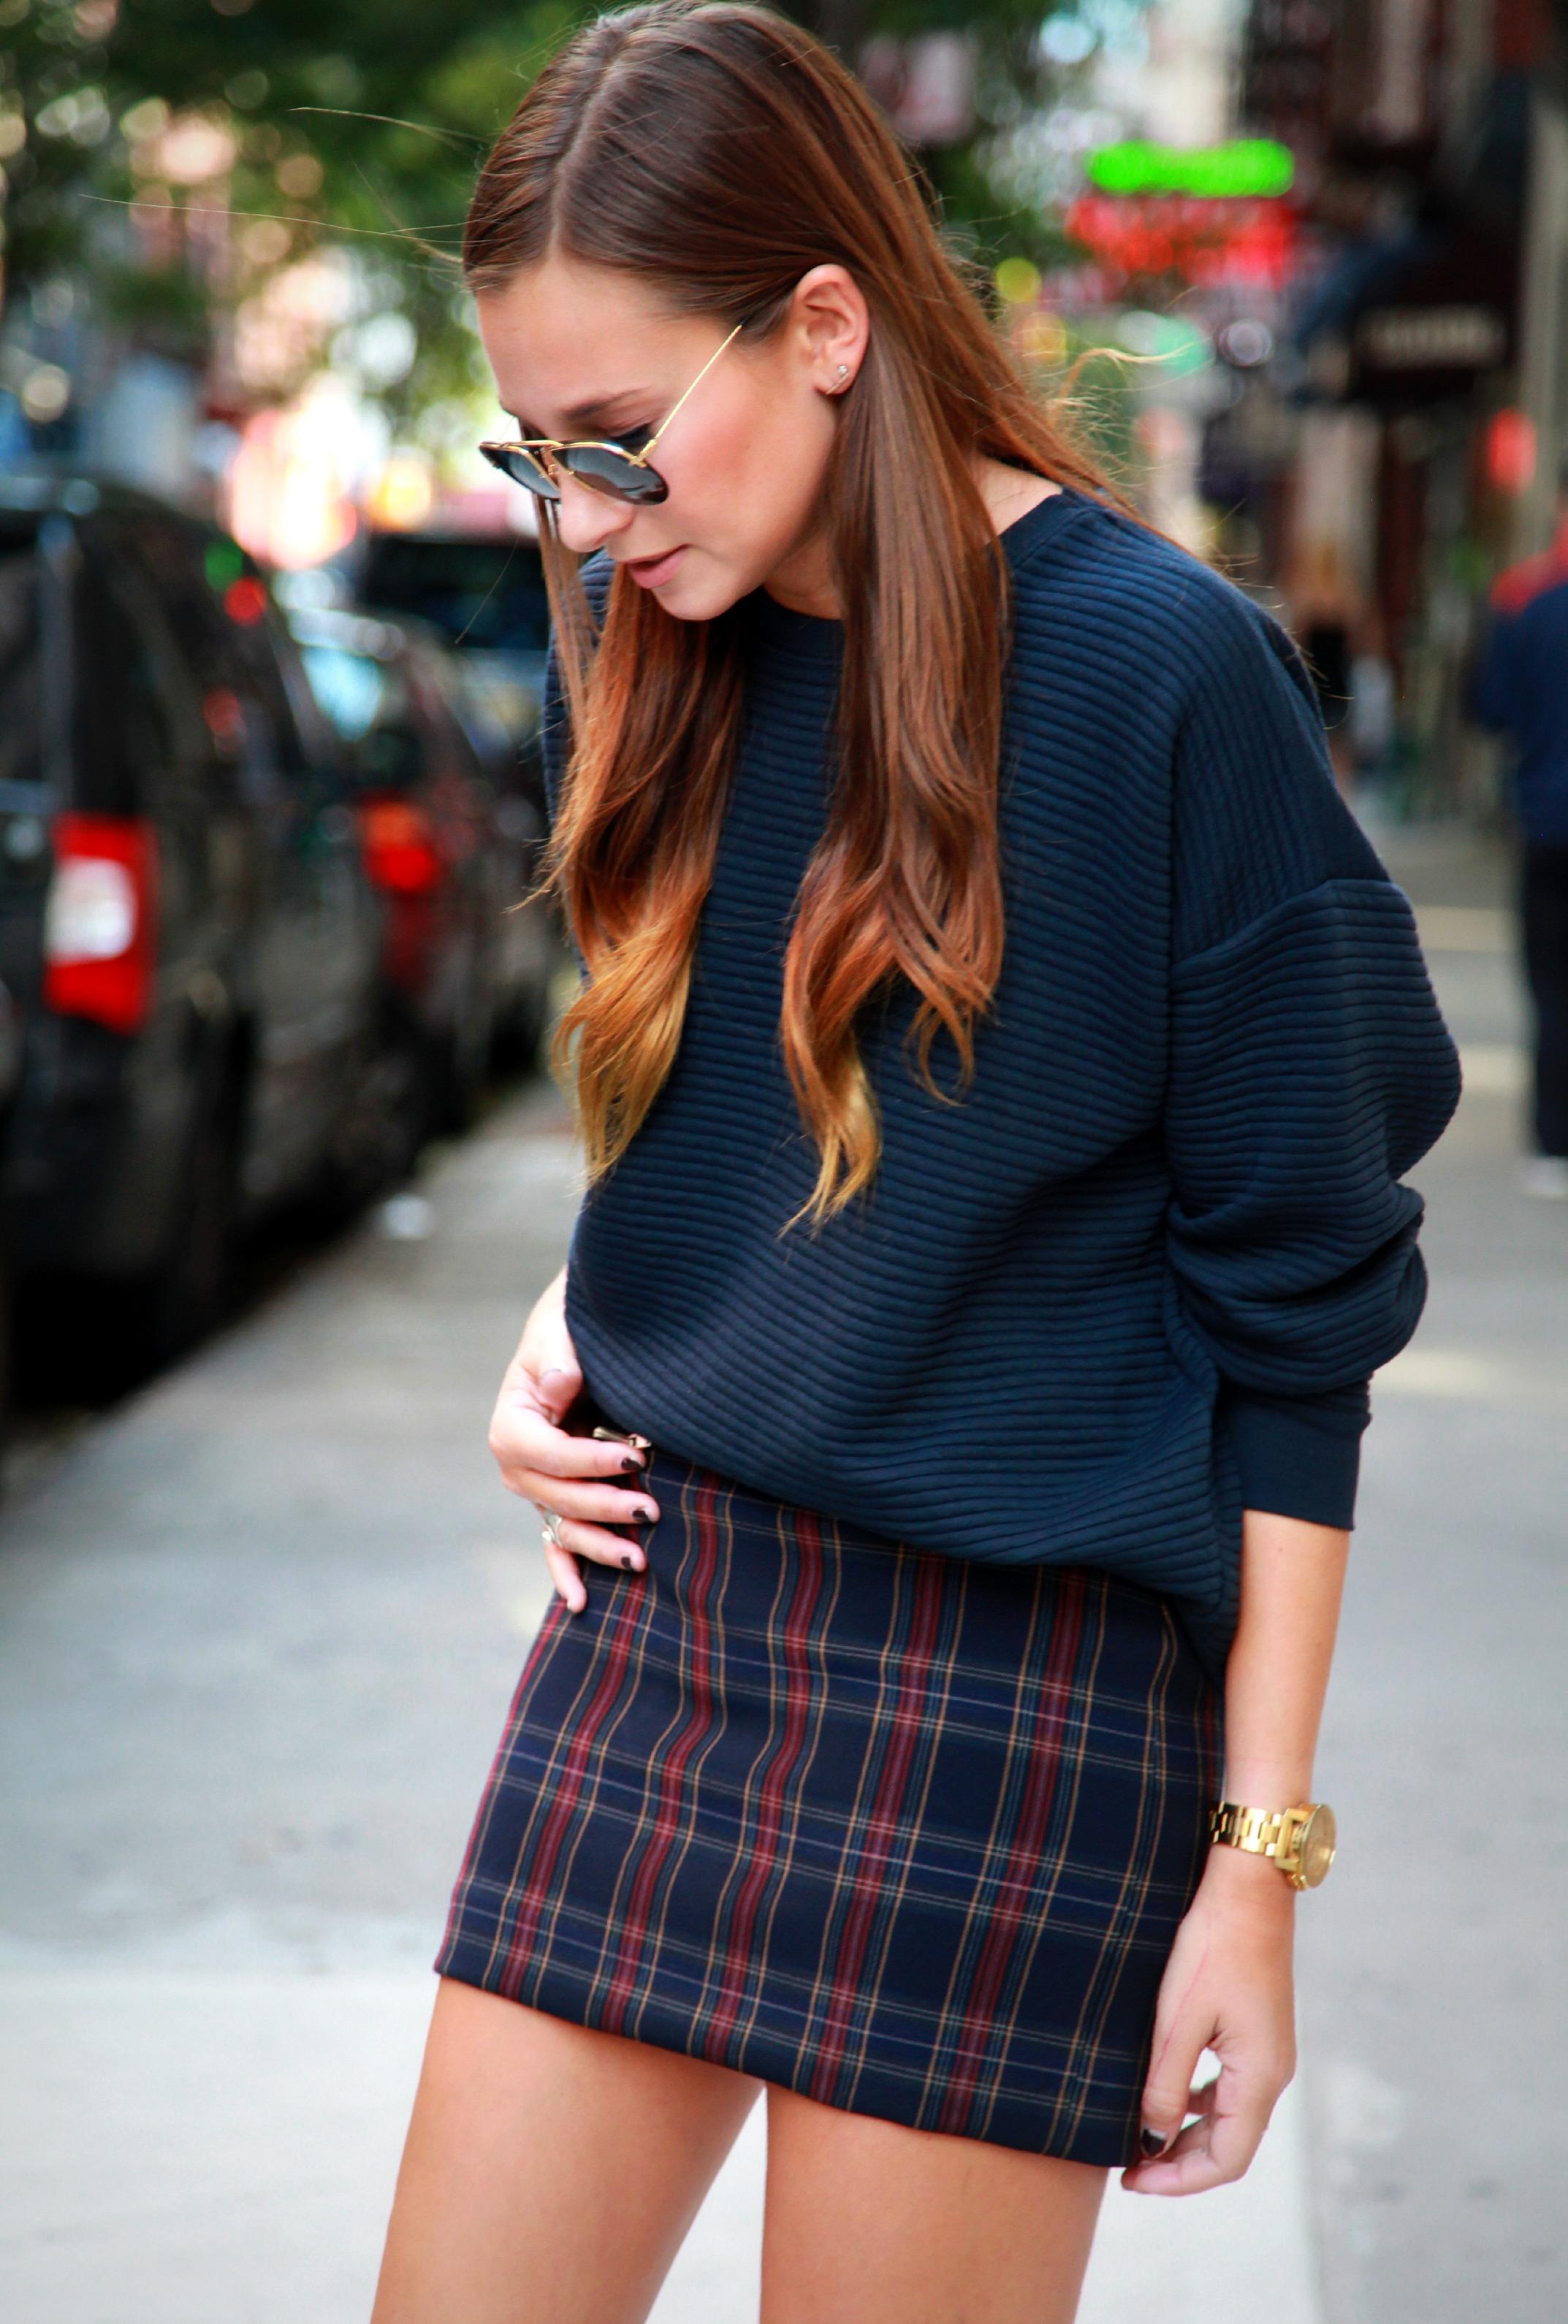 Короткая клетчатая юбка и объемный свитер в тон